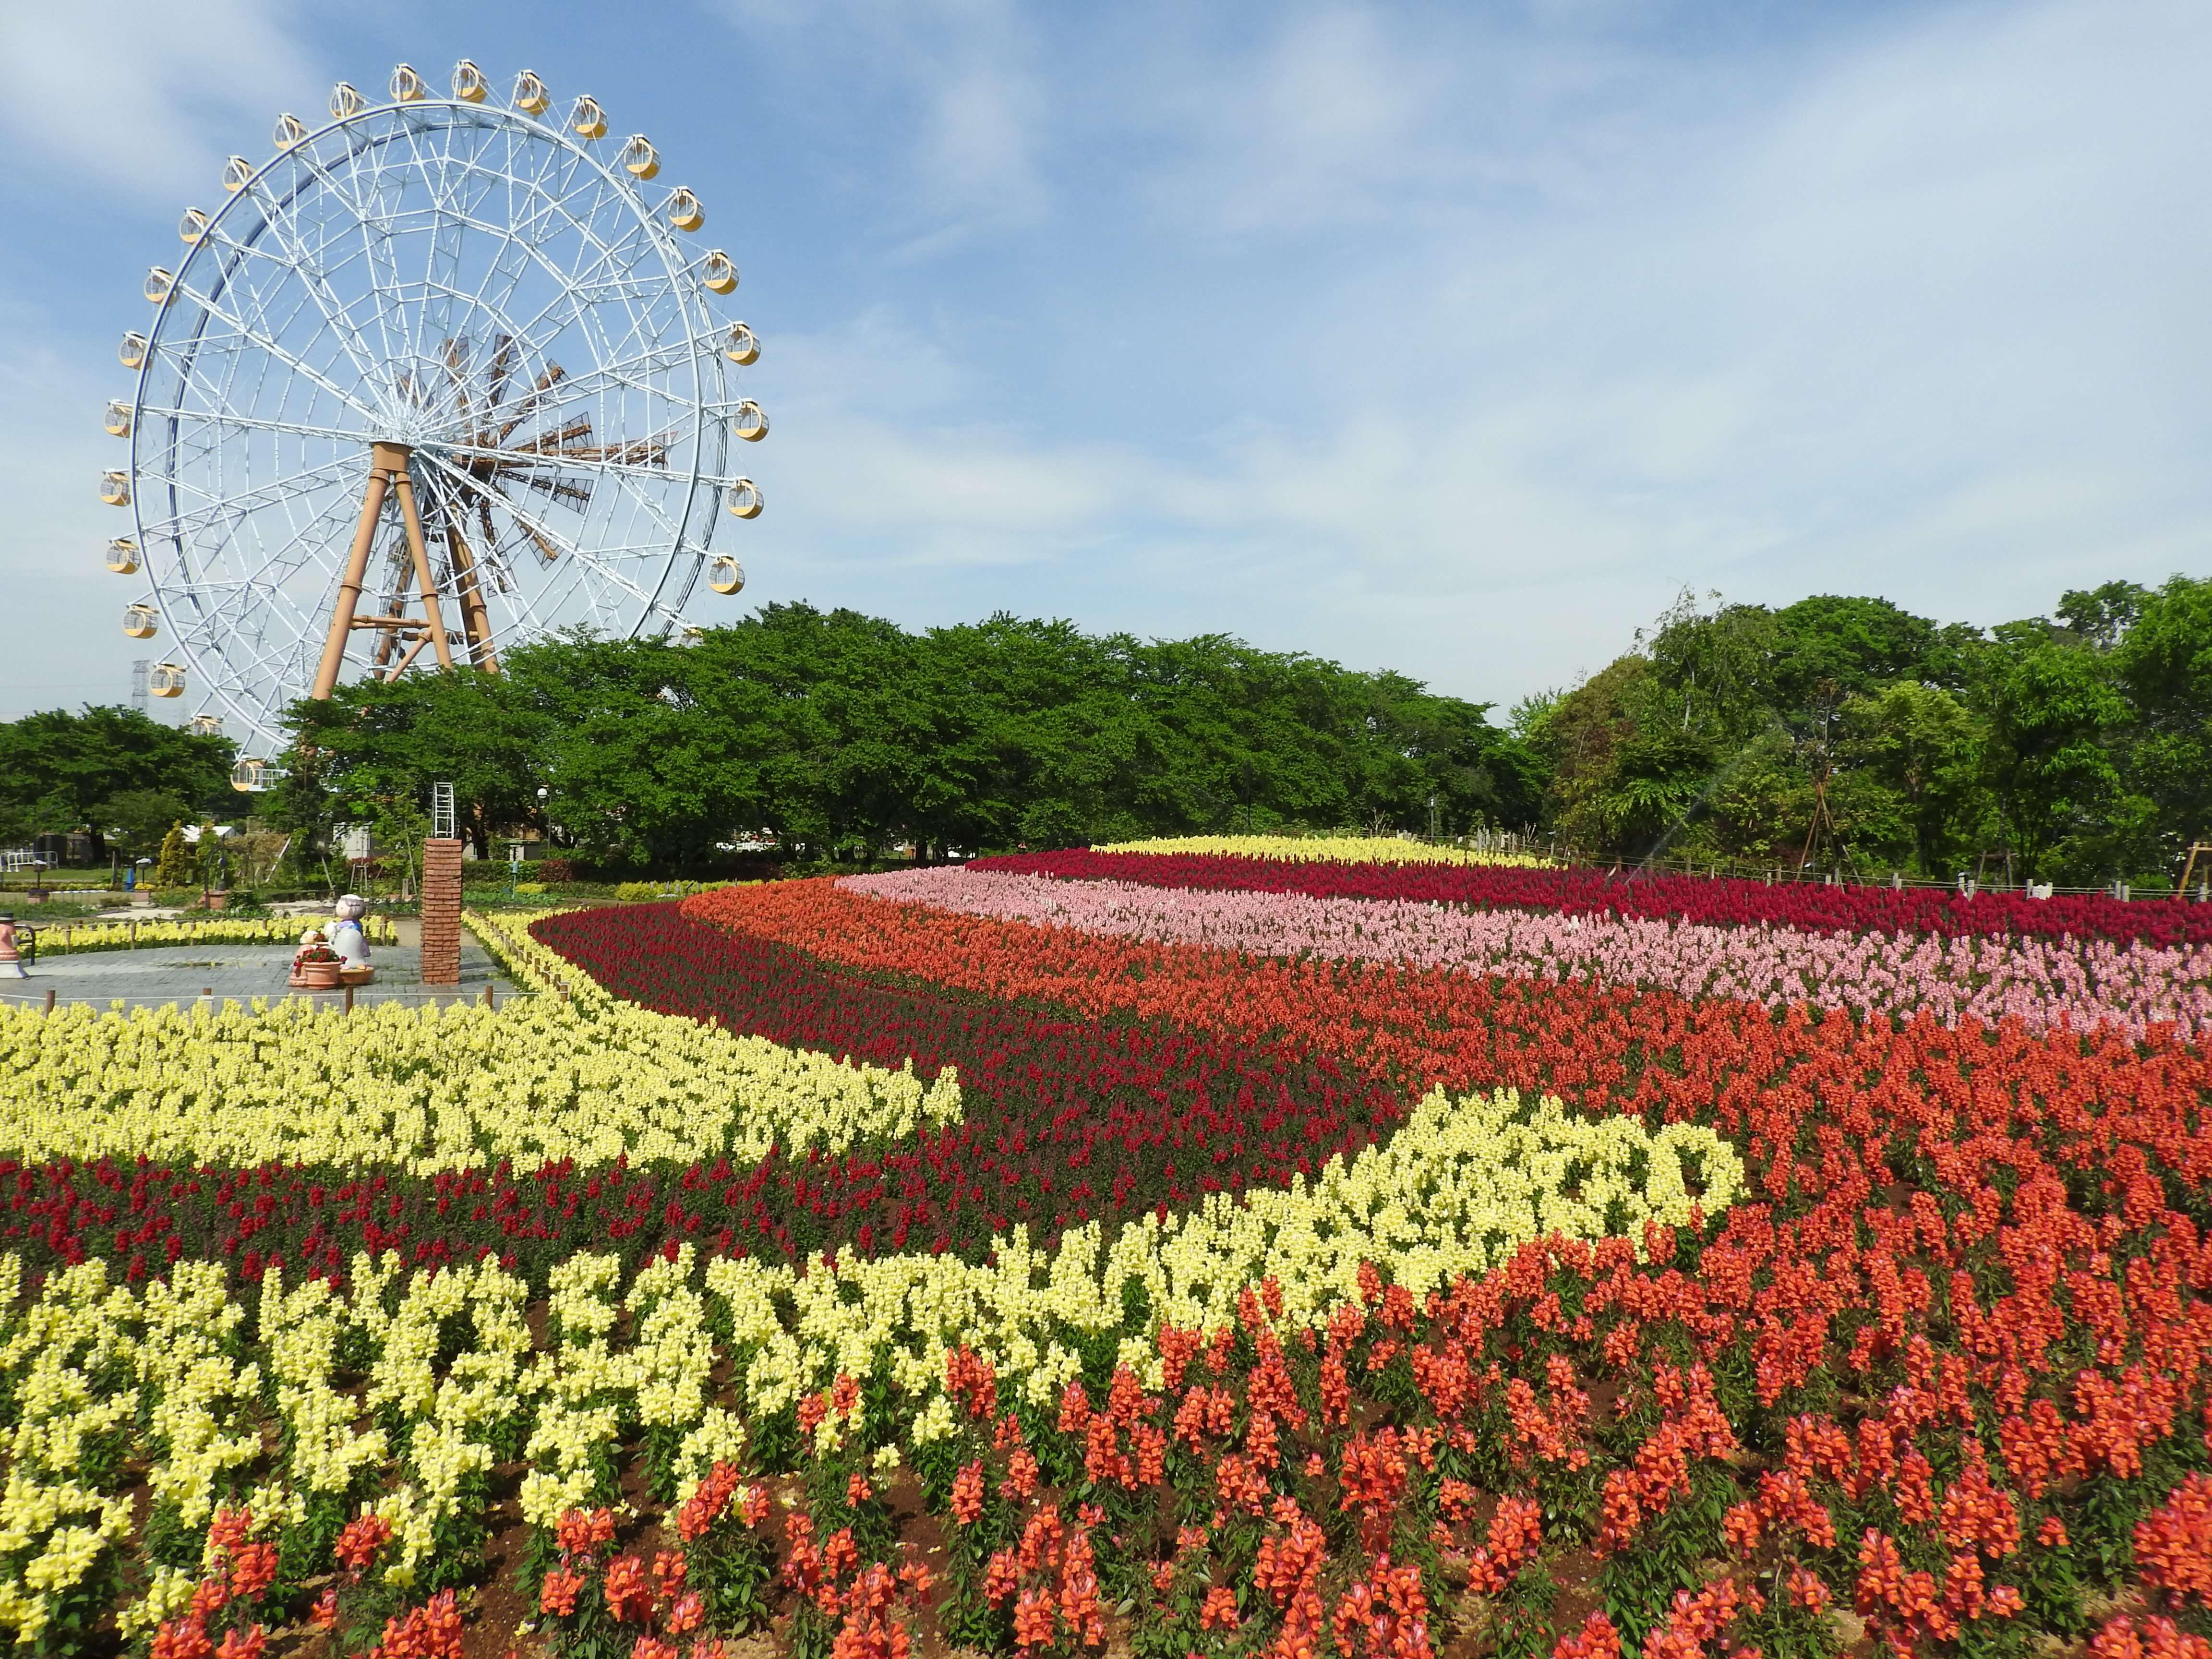 東武動物公園 tobu dobutsu koen キャンバスガーデン campus garden